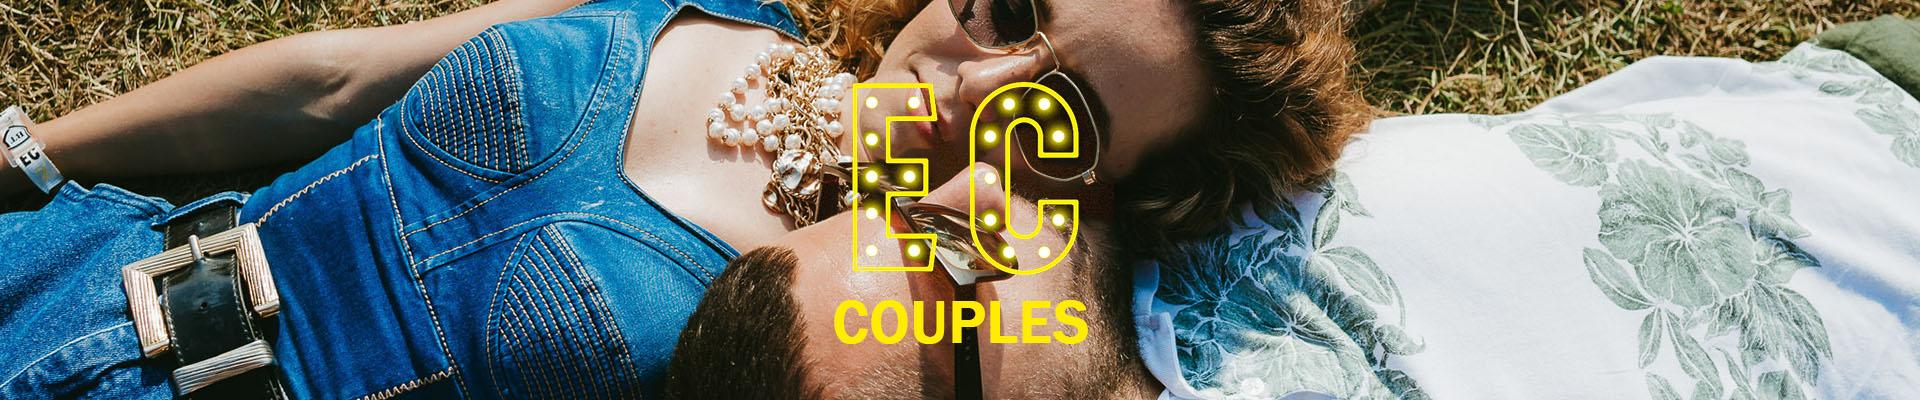 EC Couples w/ Andreea Chirila & Cosmin Chelaru | youngcreative.info media © Dan Filipciuc, Cristina Bejan | fotograf Iasi